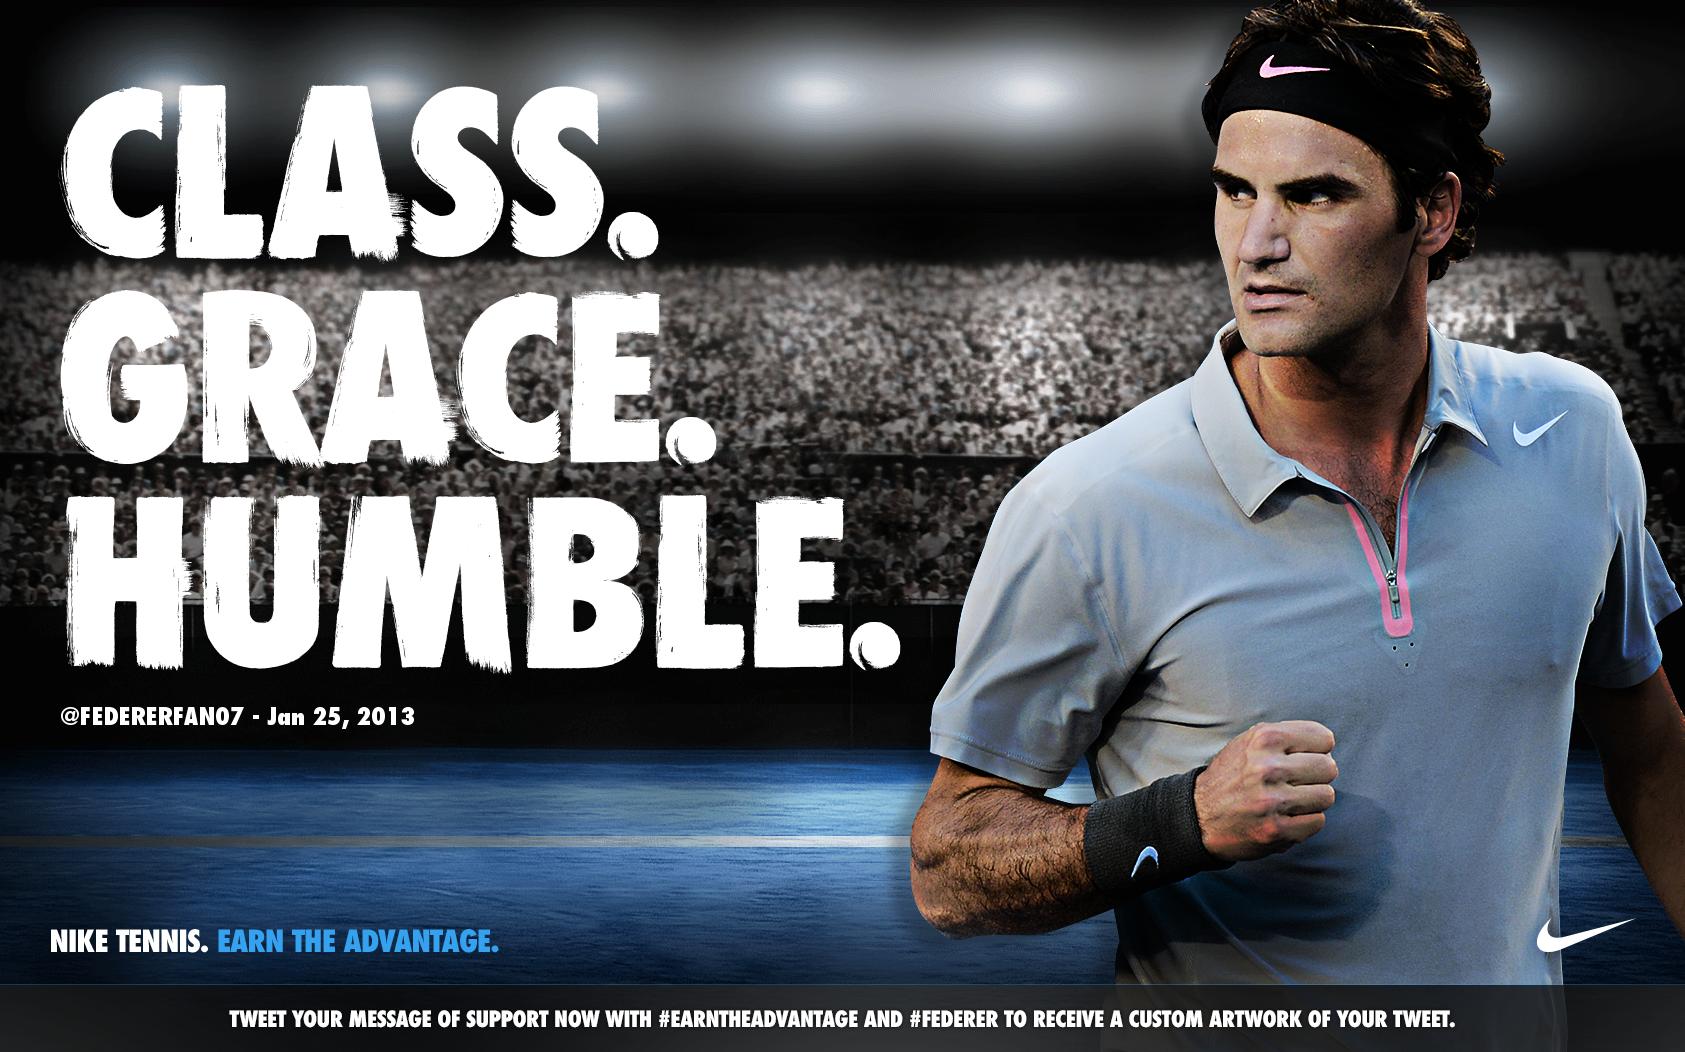 Tennis_RogerFederer-FEDERERFAN07-11